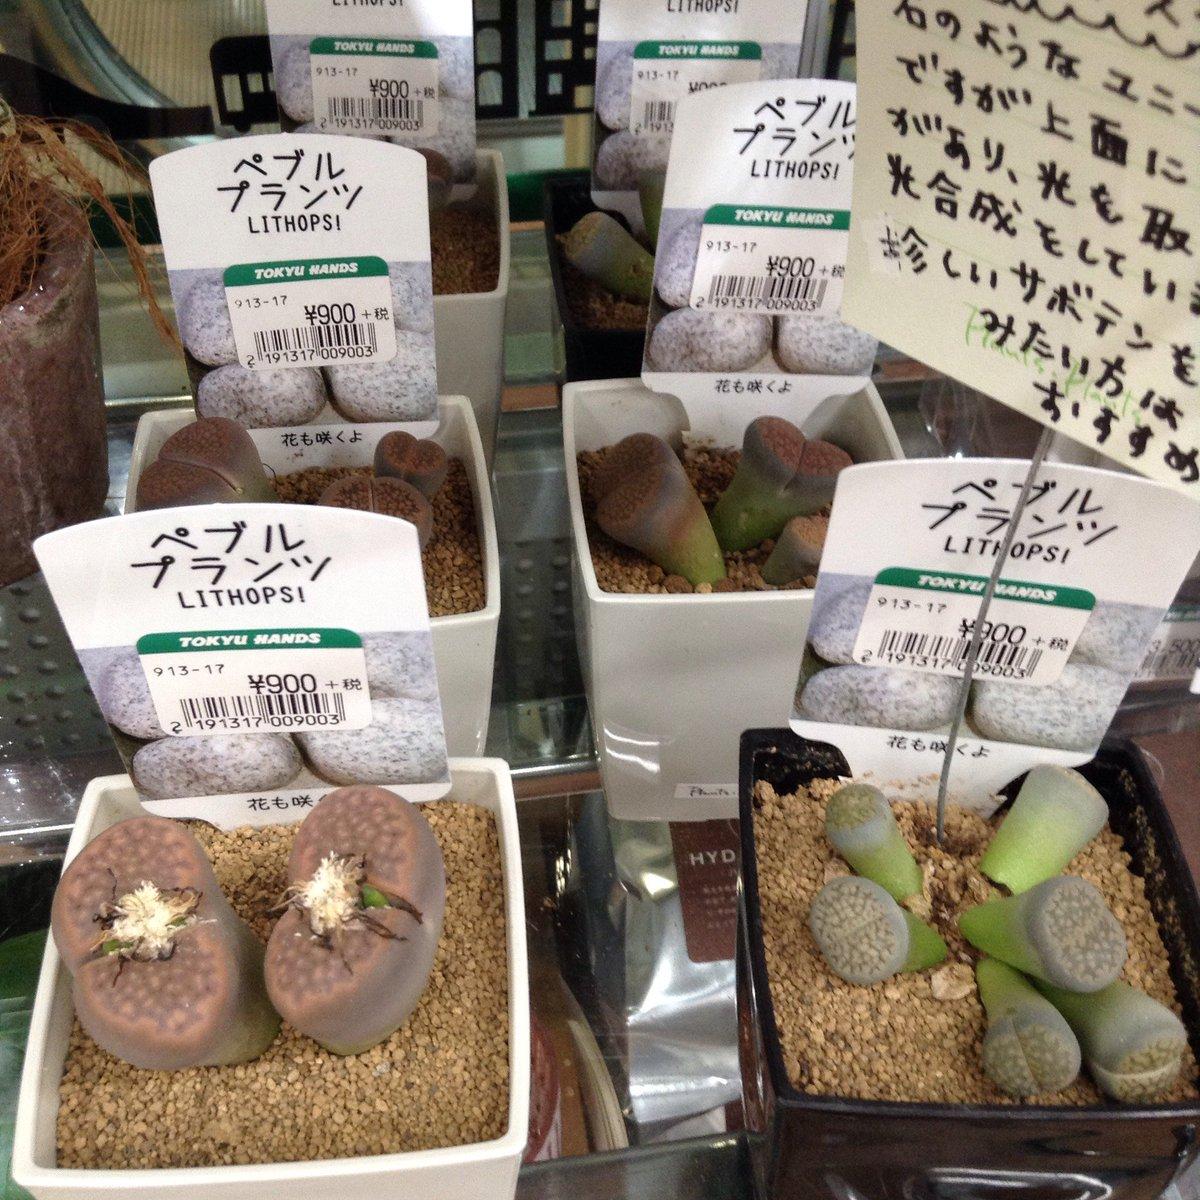 壁紙無料花: 新宿 多肉 植物